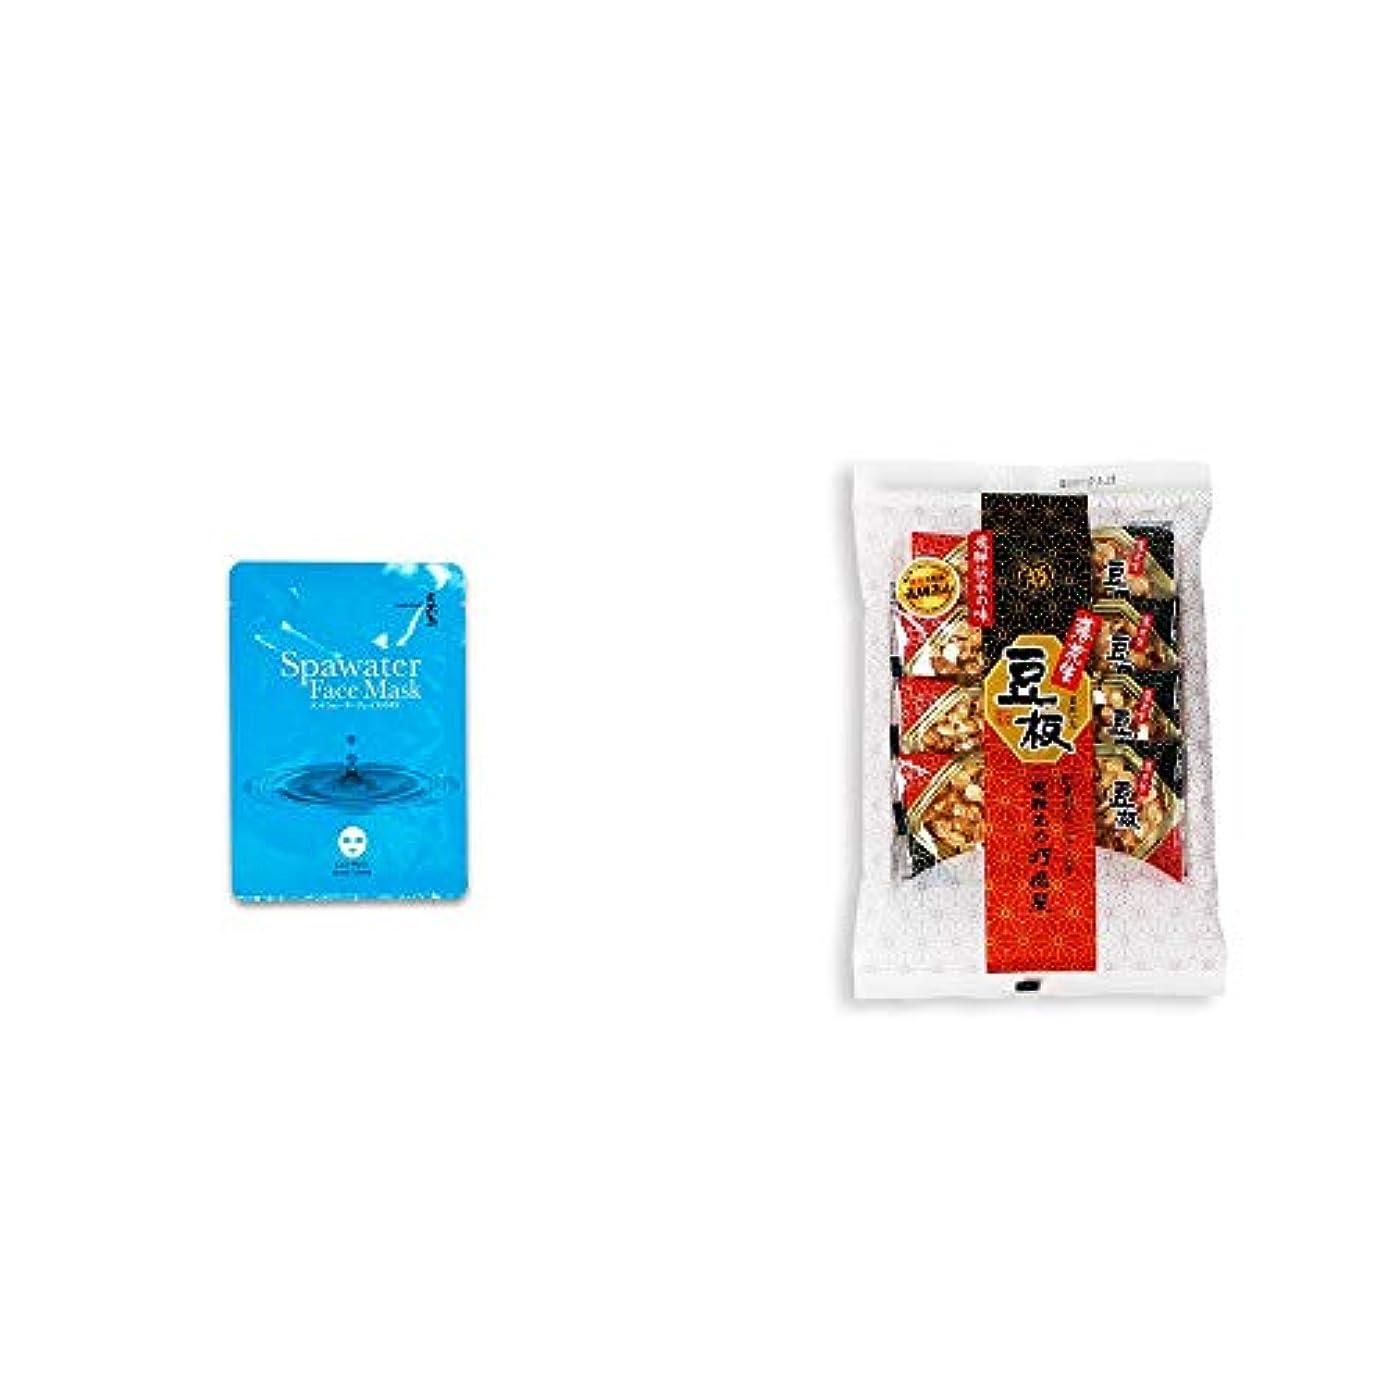 昼食前書きマエストロ[2点セット] ひのき炭黒泉 スパウォーターフェイスマスク(18ml×3枚入)?飛騨銘菓「打保屋」の駄菓子 豆板(8枚入)